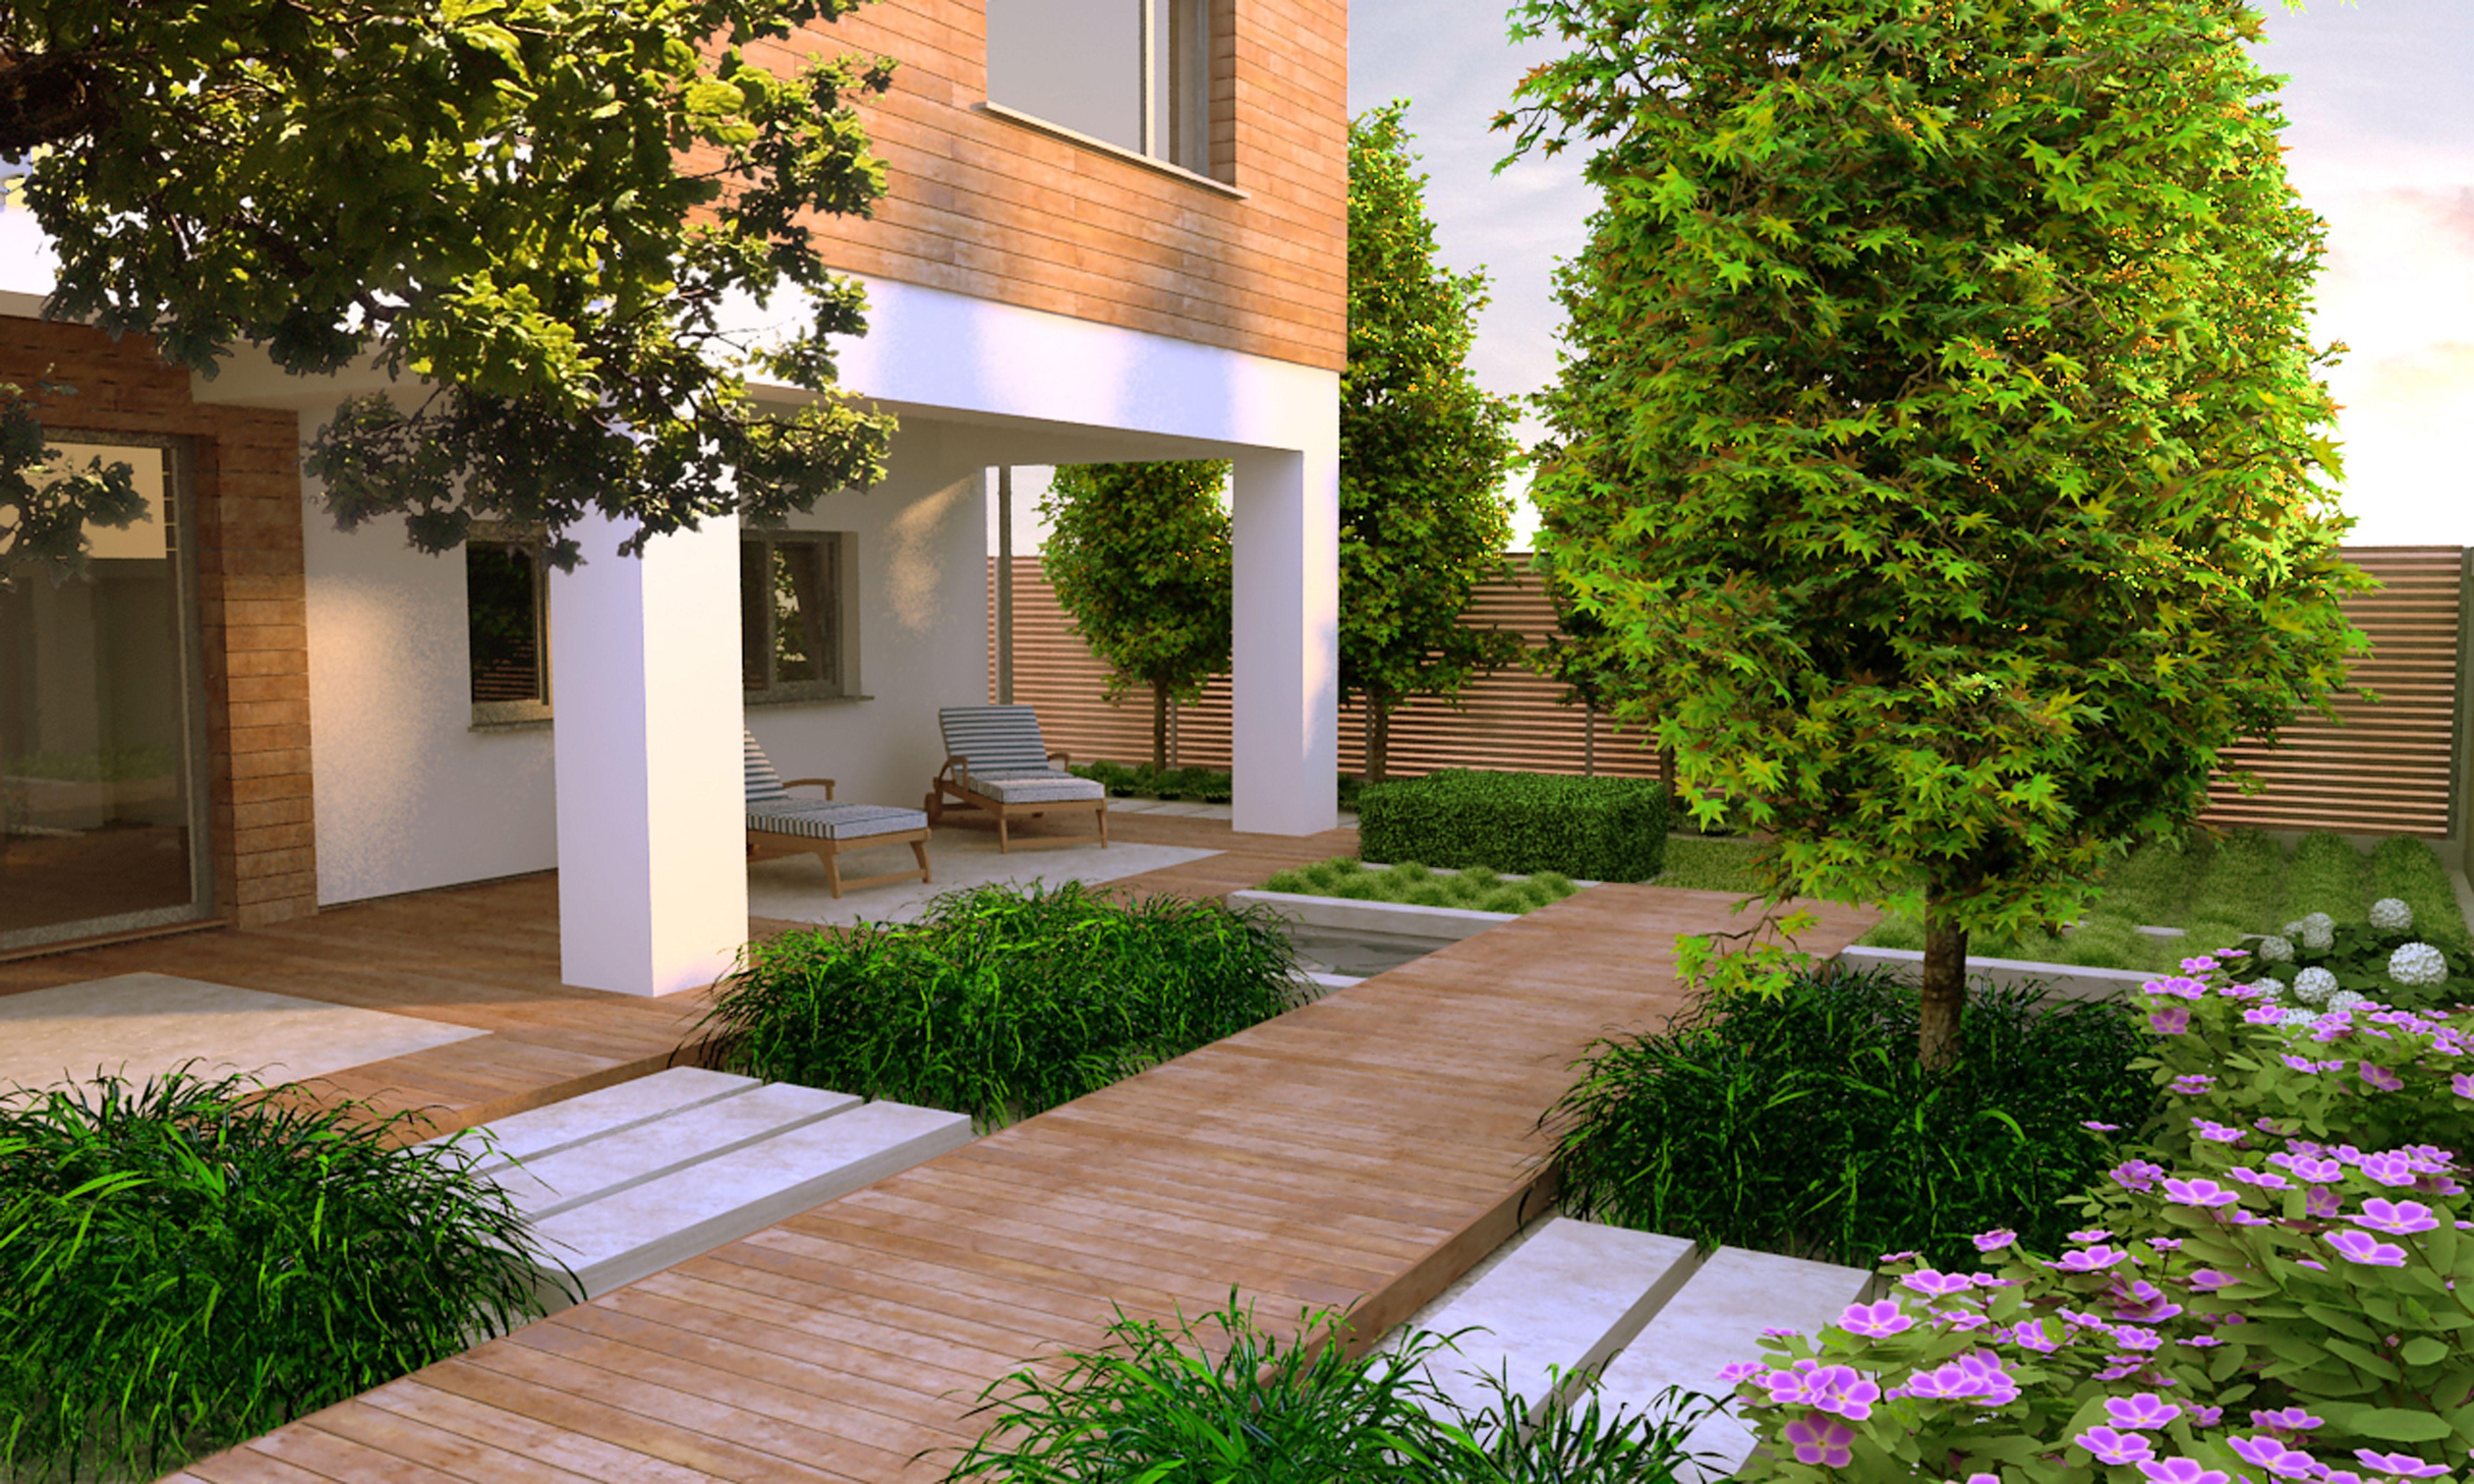 contemporary garden design ideas photos photo - 5